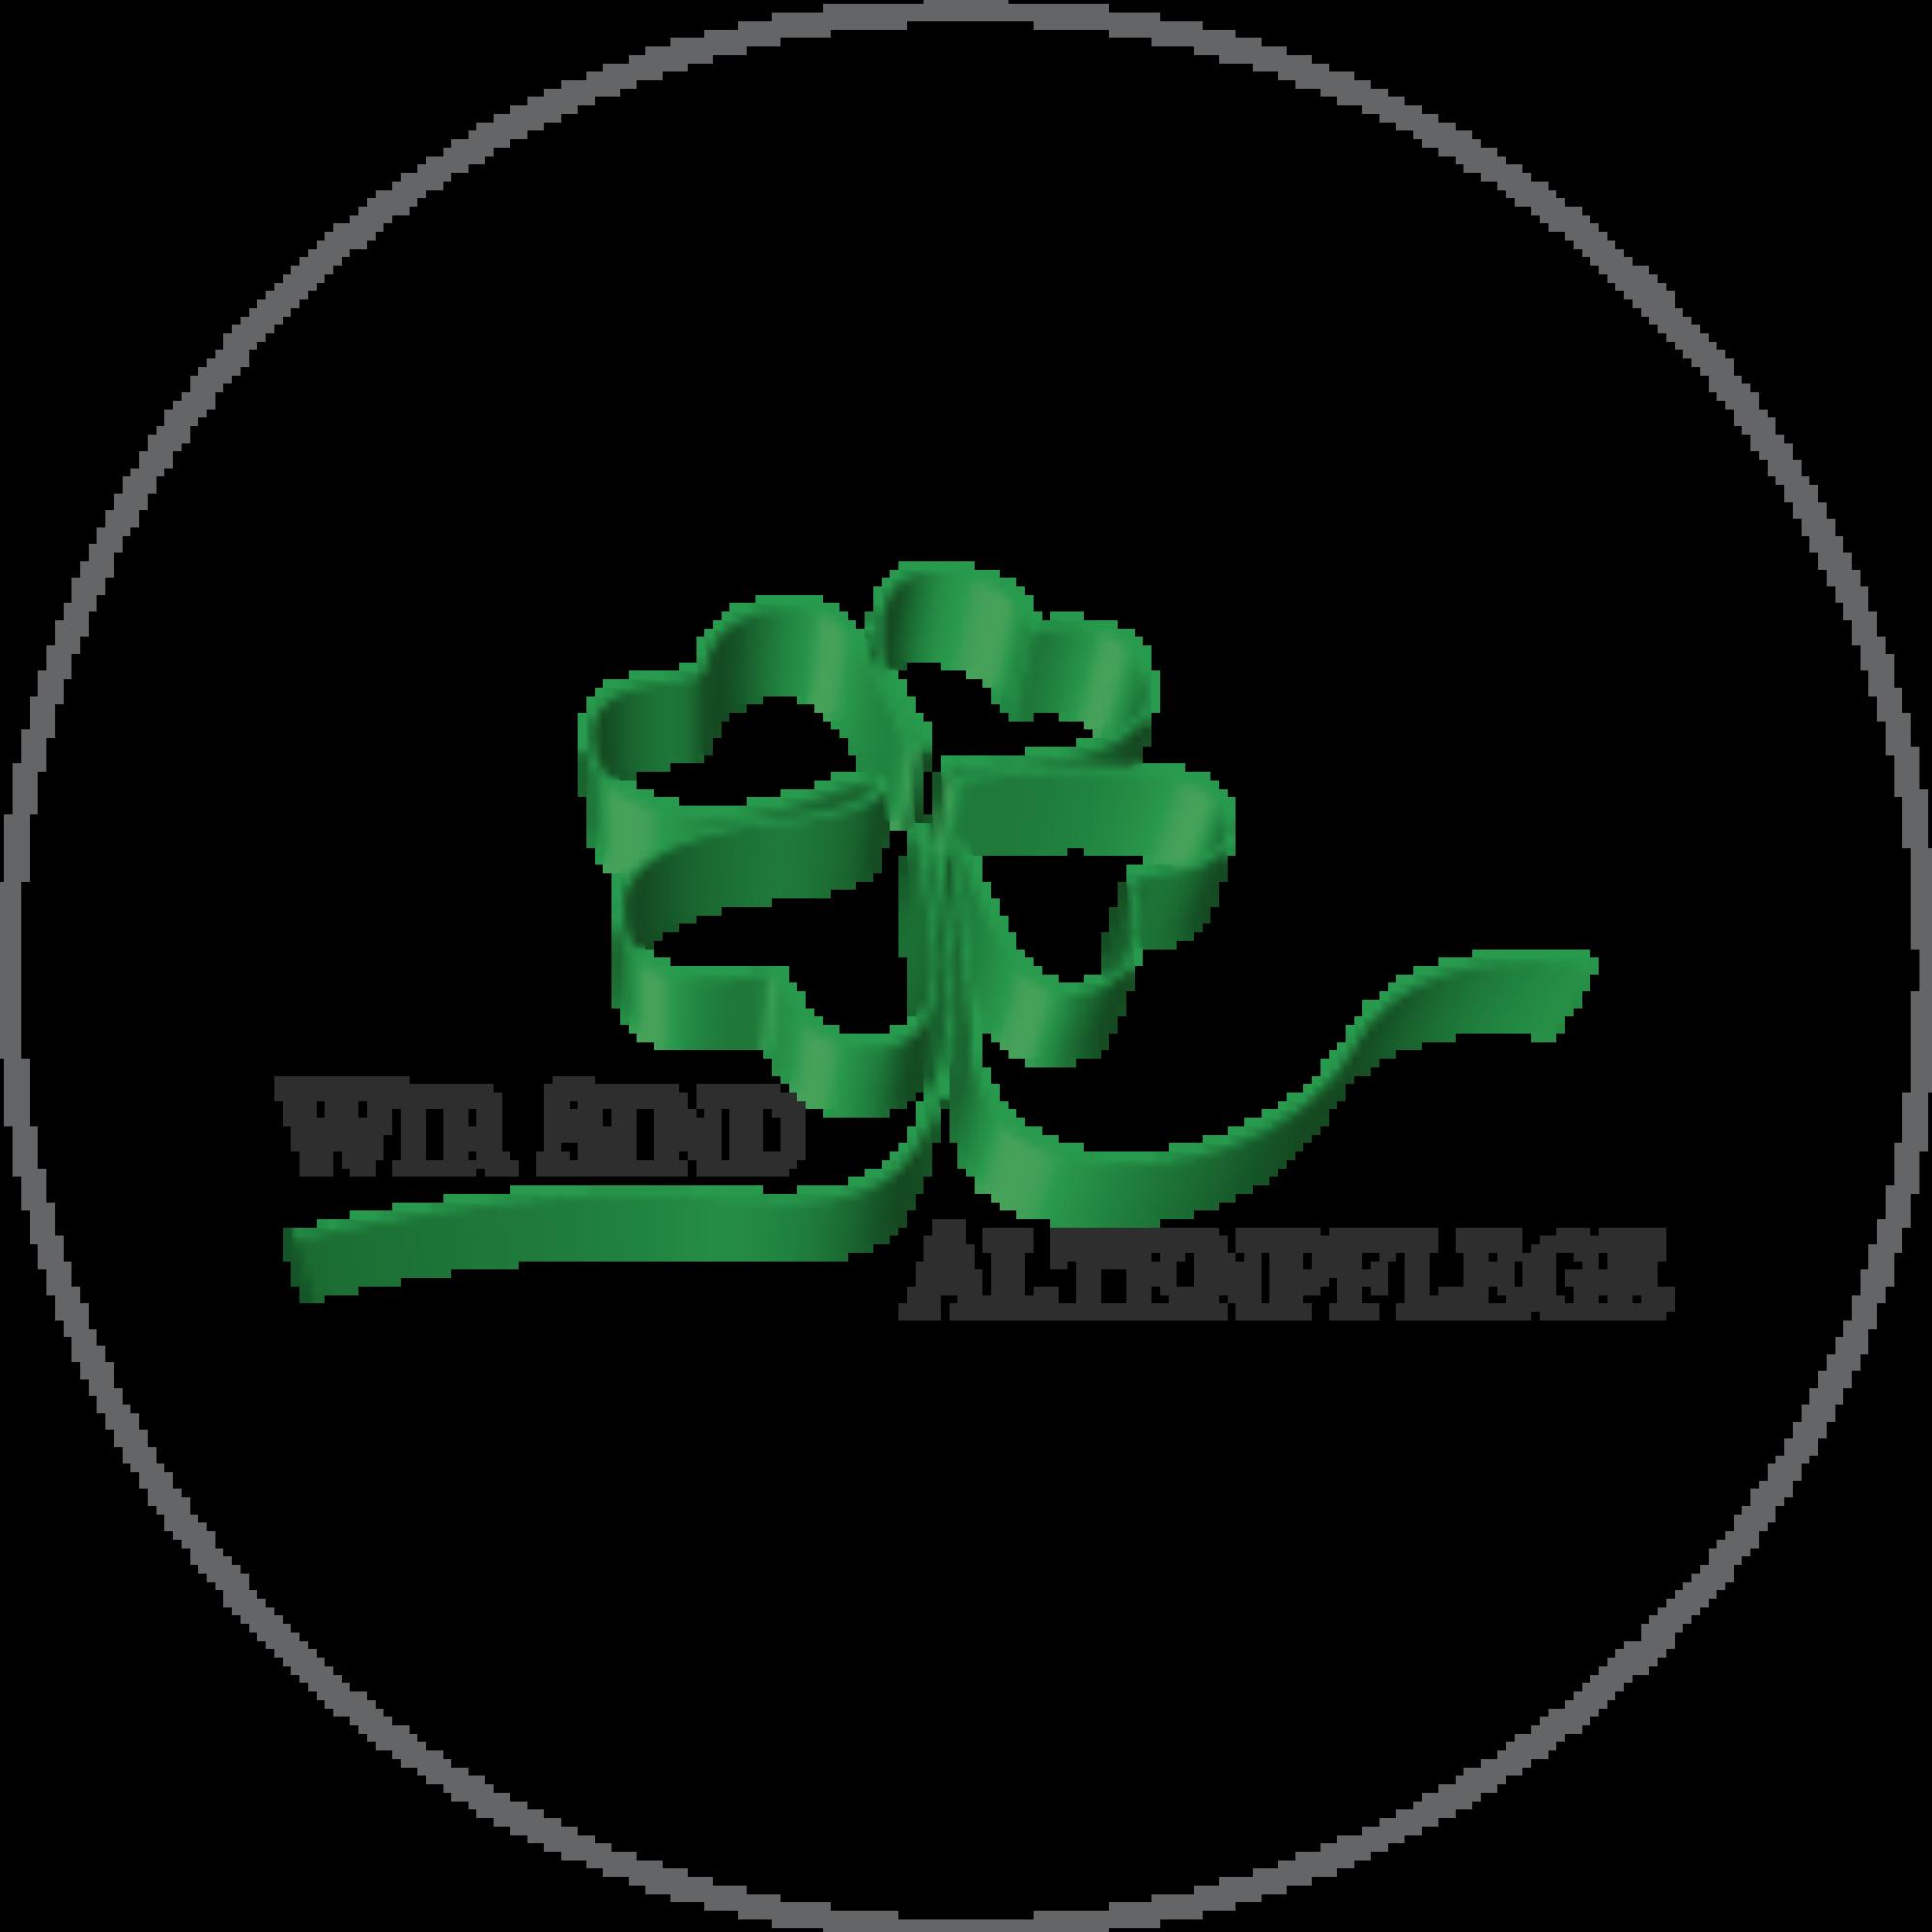 Logo-Verein-Wir-sind-Altenpflege-rund klein